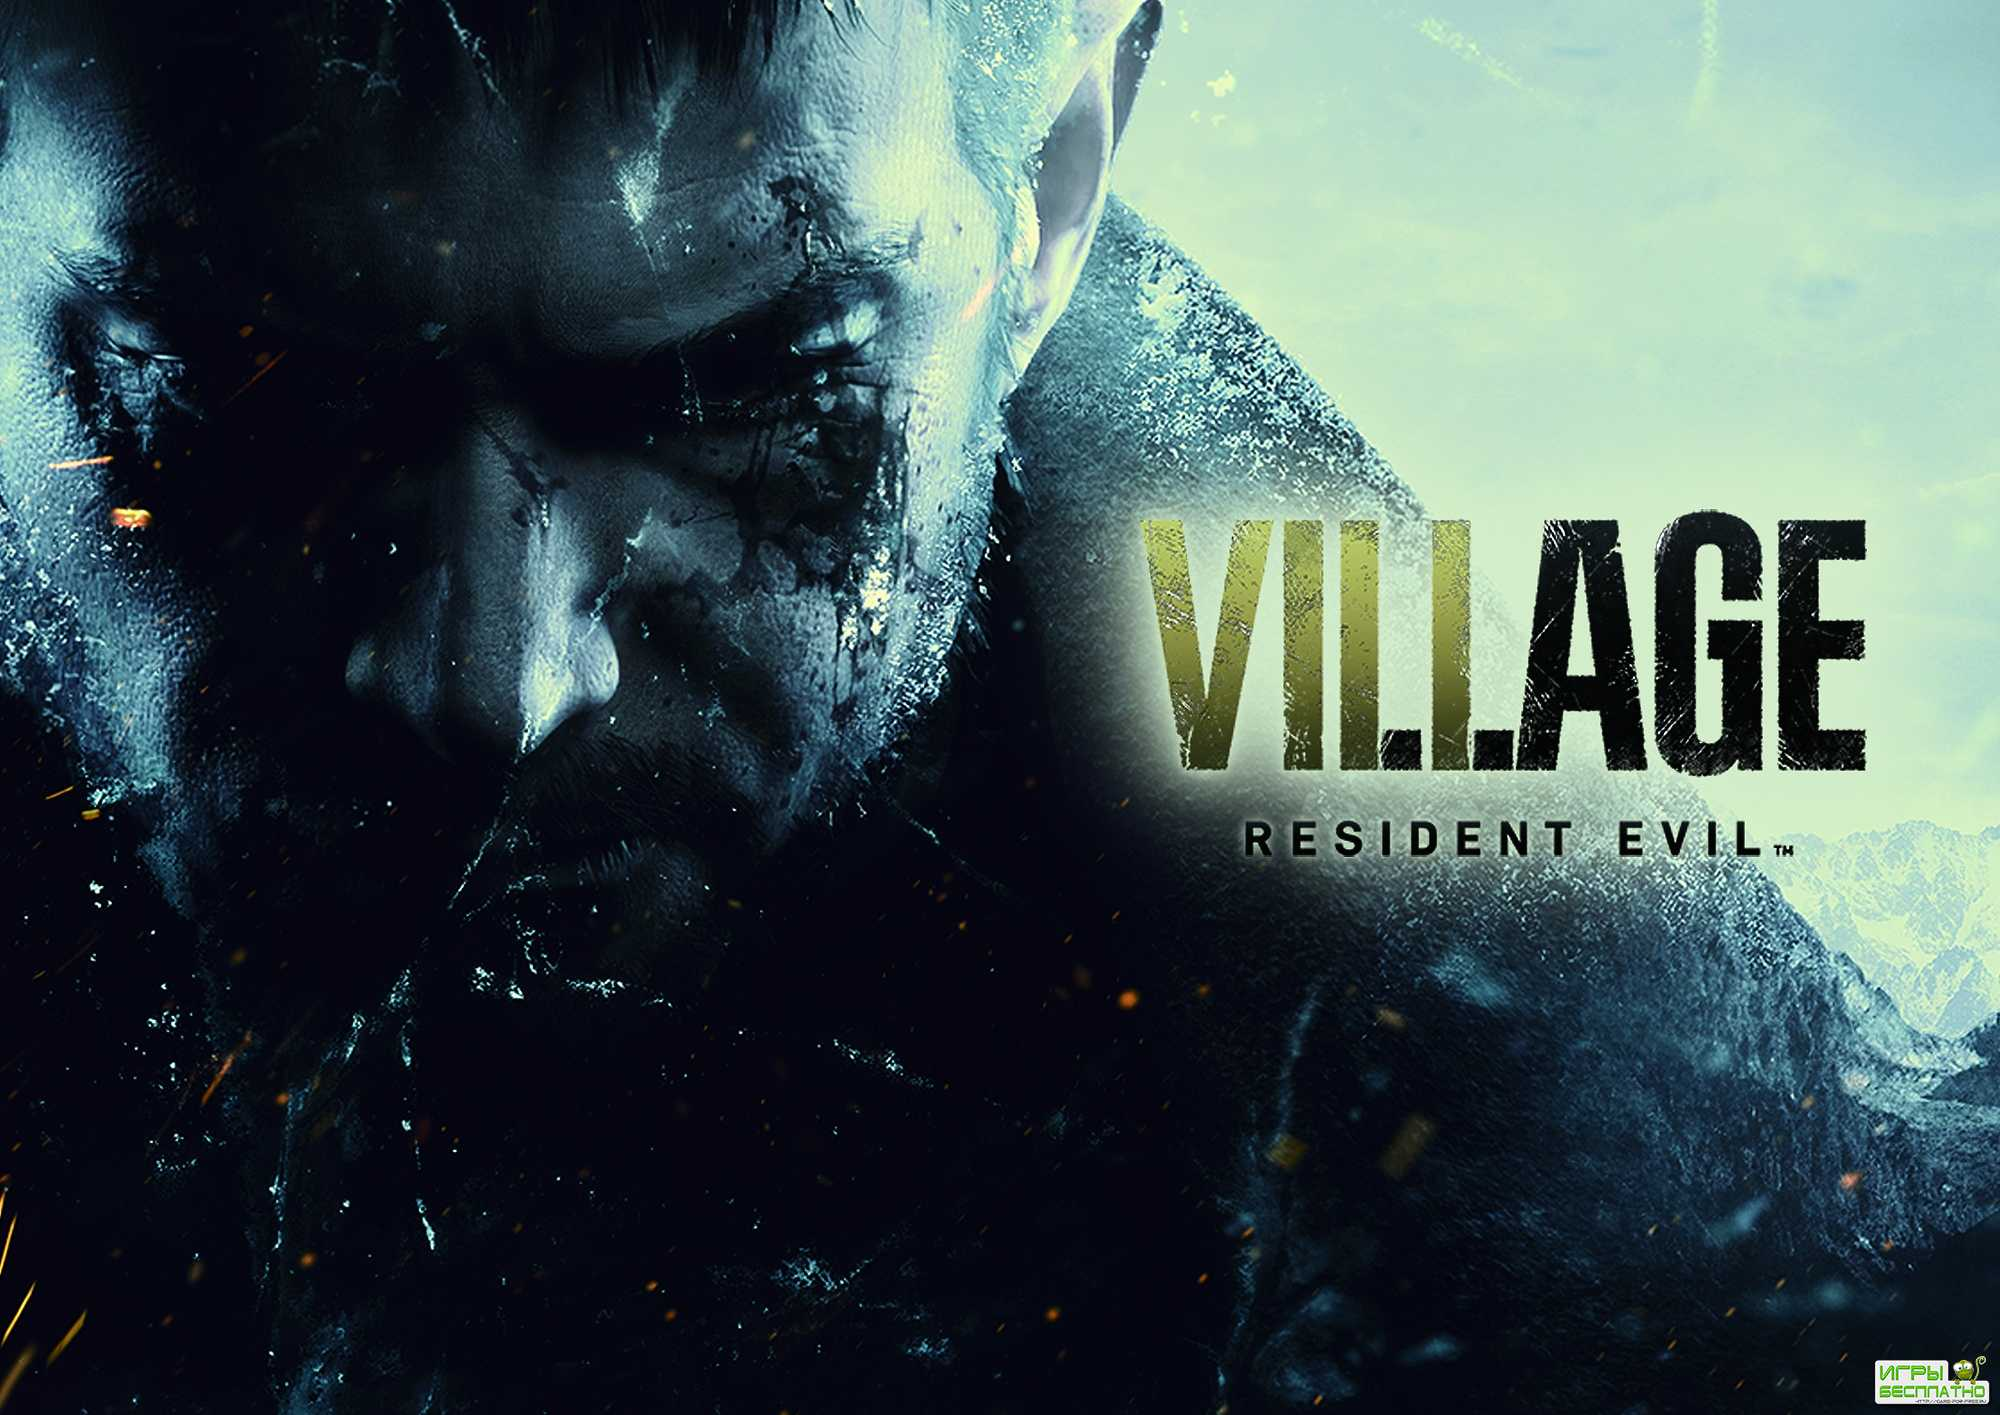 3D-аудиочип PS5 поддерживают как минимум 11 игр, включая Resident Evil: Vil ...